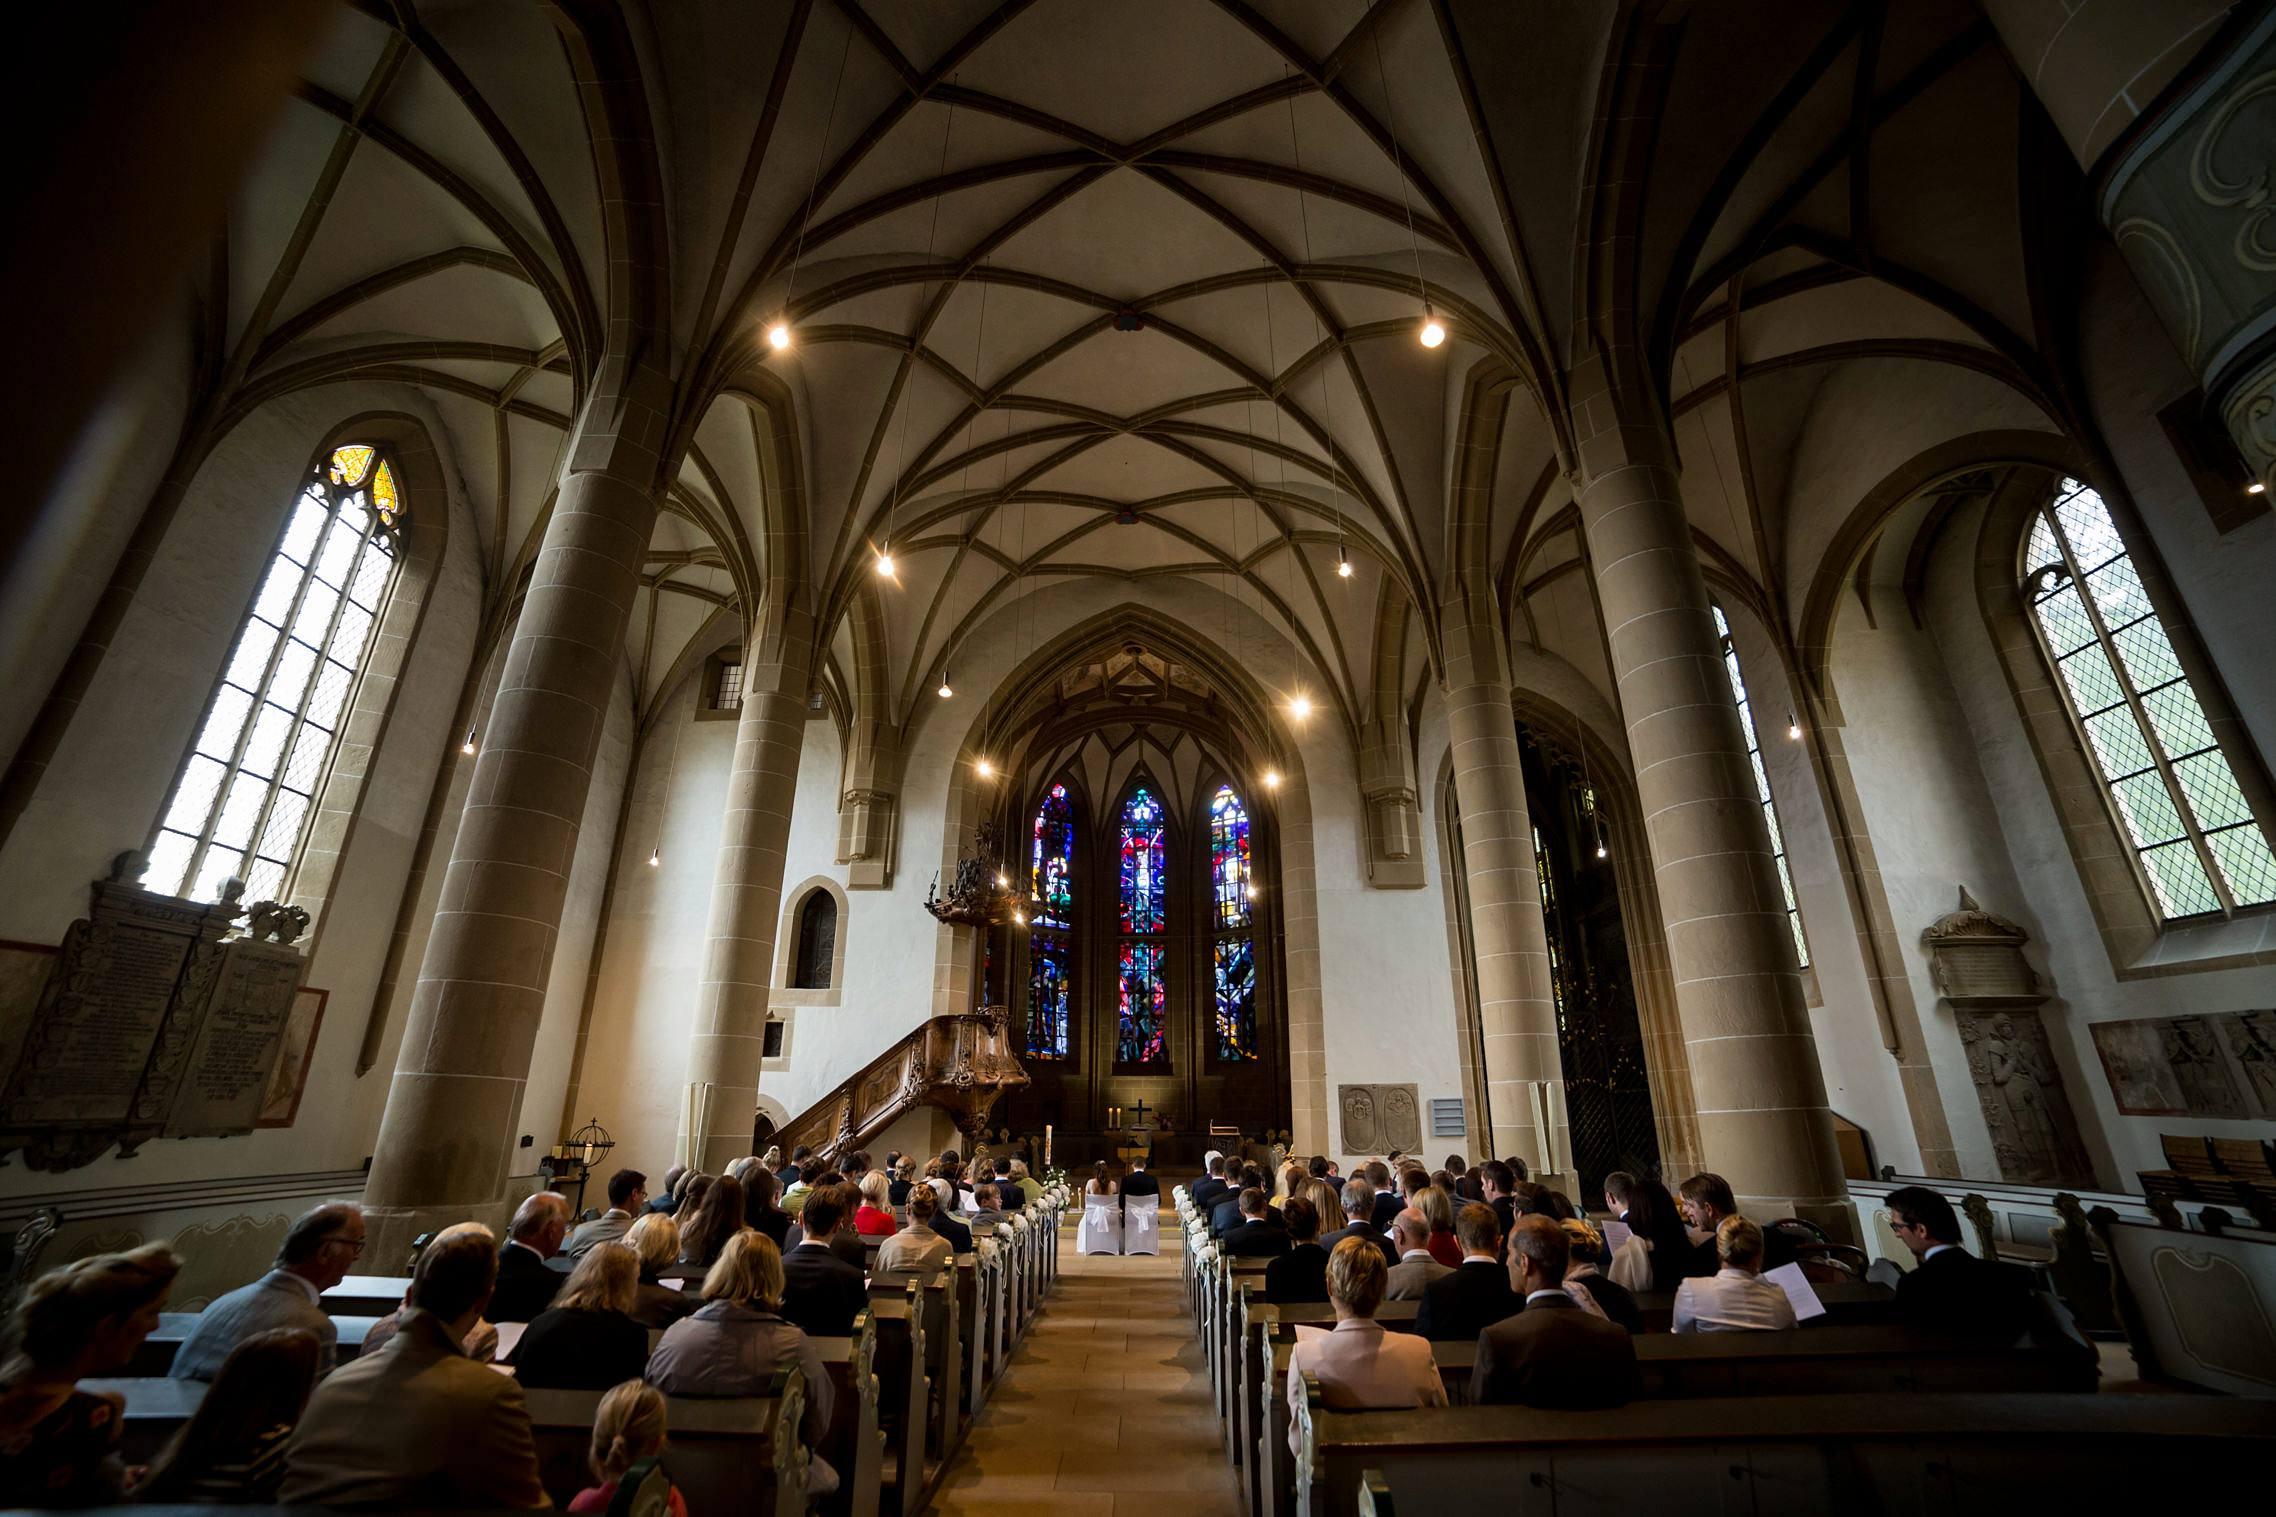 Weitwinkelaufnahme aus dem Innenraum der Schlosskirche in Meisenheim.